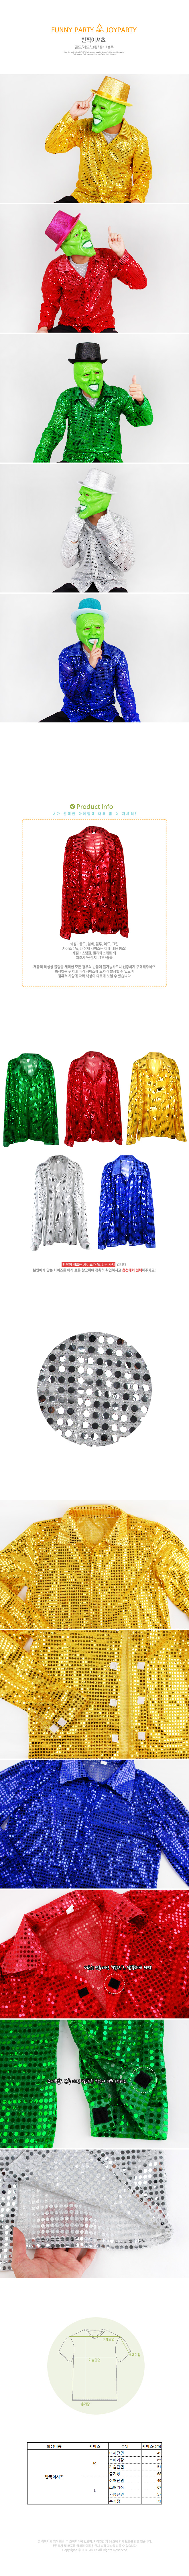 반짝이셔츠 블루 _partypang - 파티팡, 25,000원, 파티의상/잡화, 의상/세트